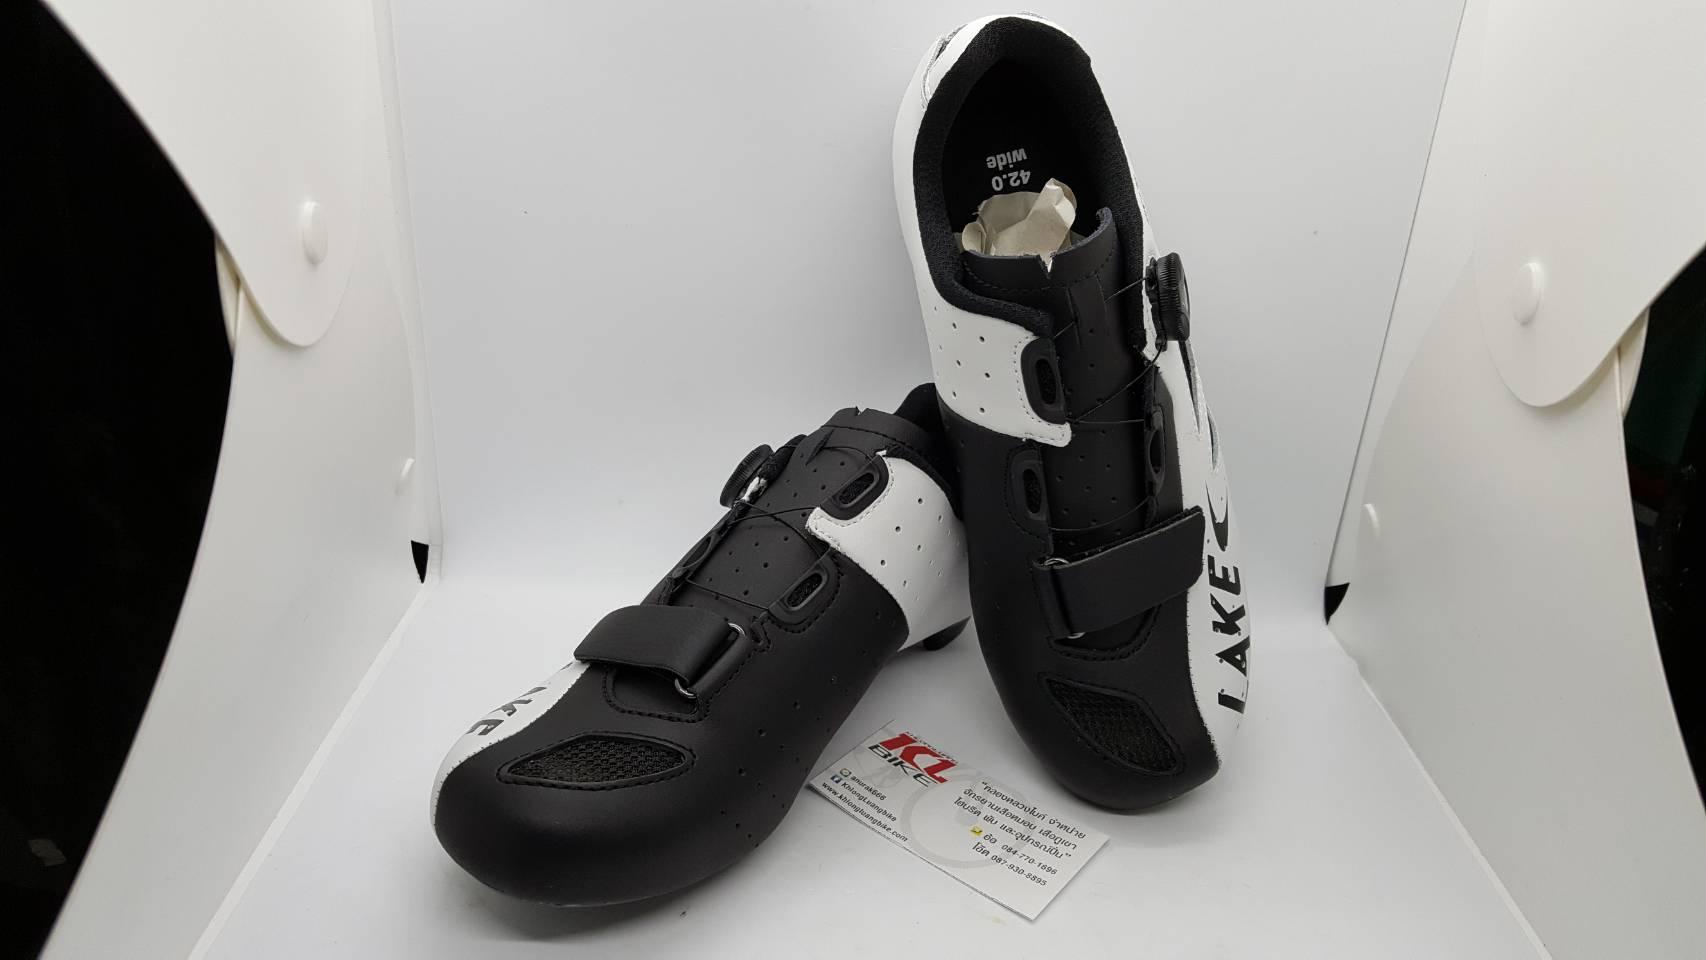 รองเท้าคลีตหน้ากว้าง ยี่ห้อ Lake รุ่น CX176 สีขาวดำ